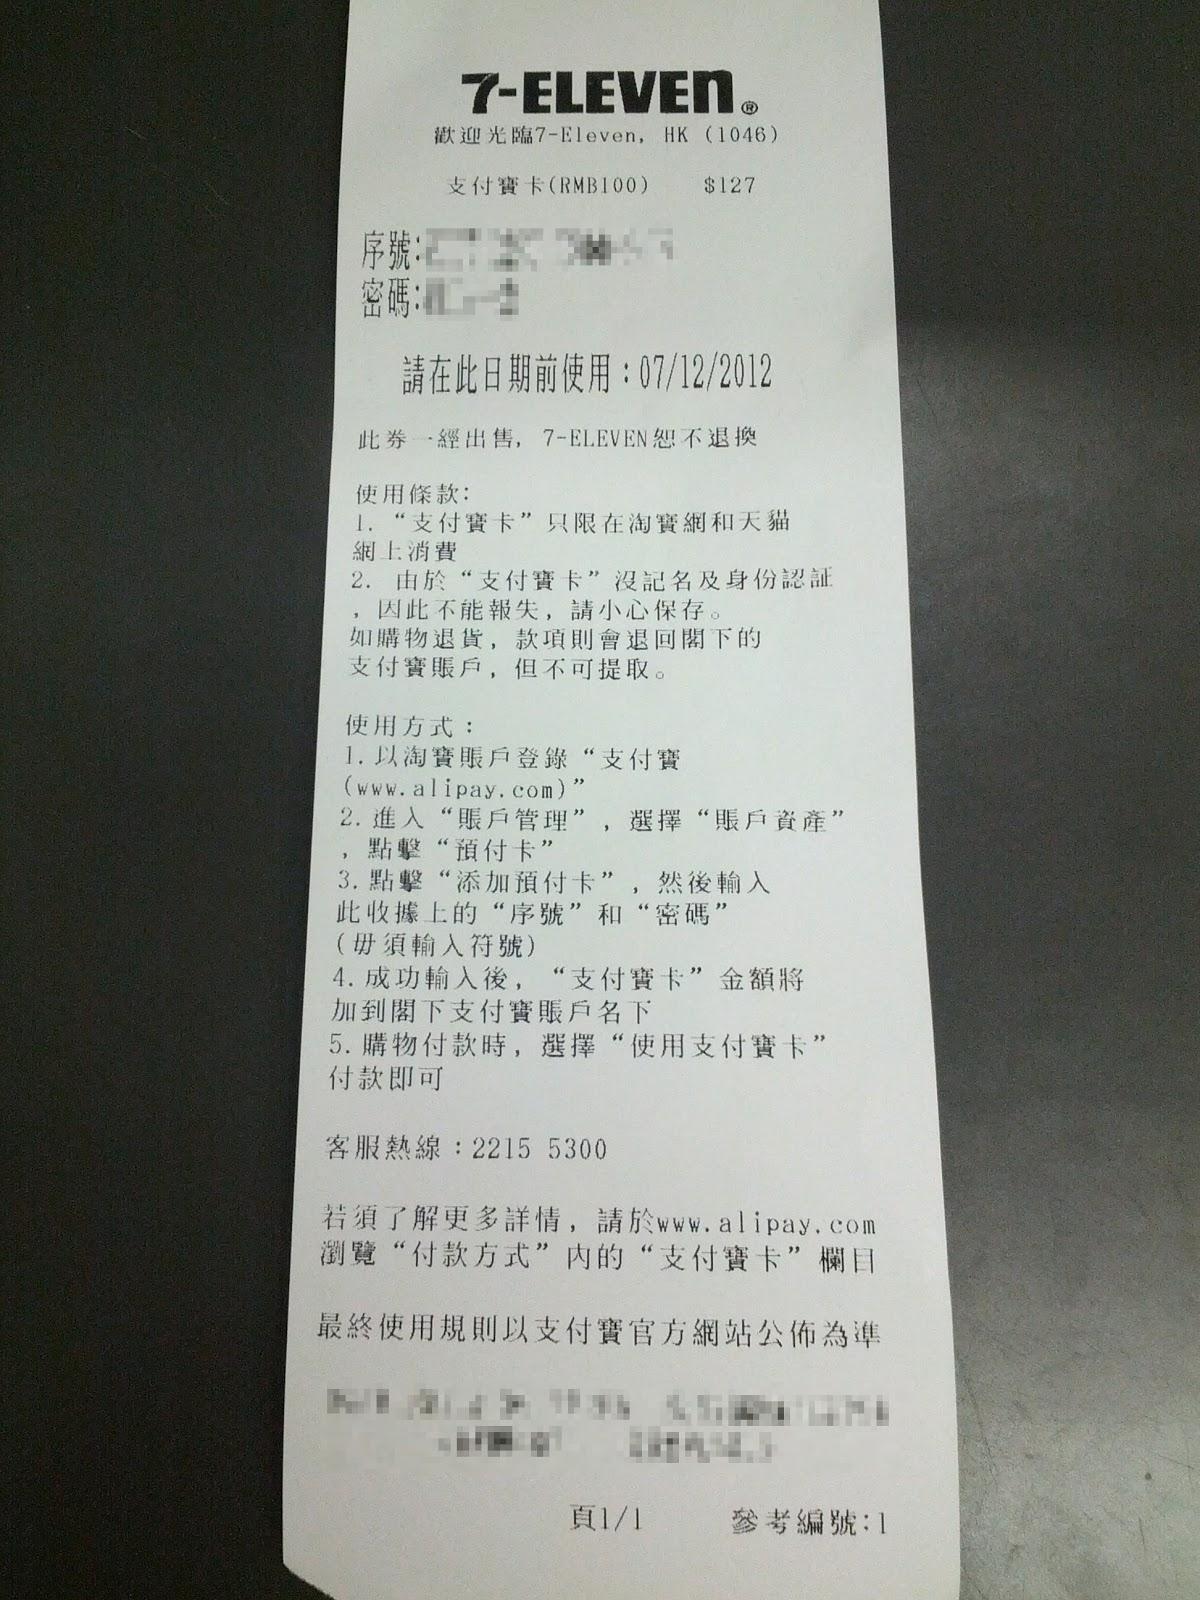 7-11 買支付寶卡 充值記 | 香港人淘寶網小貼士